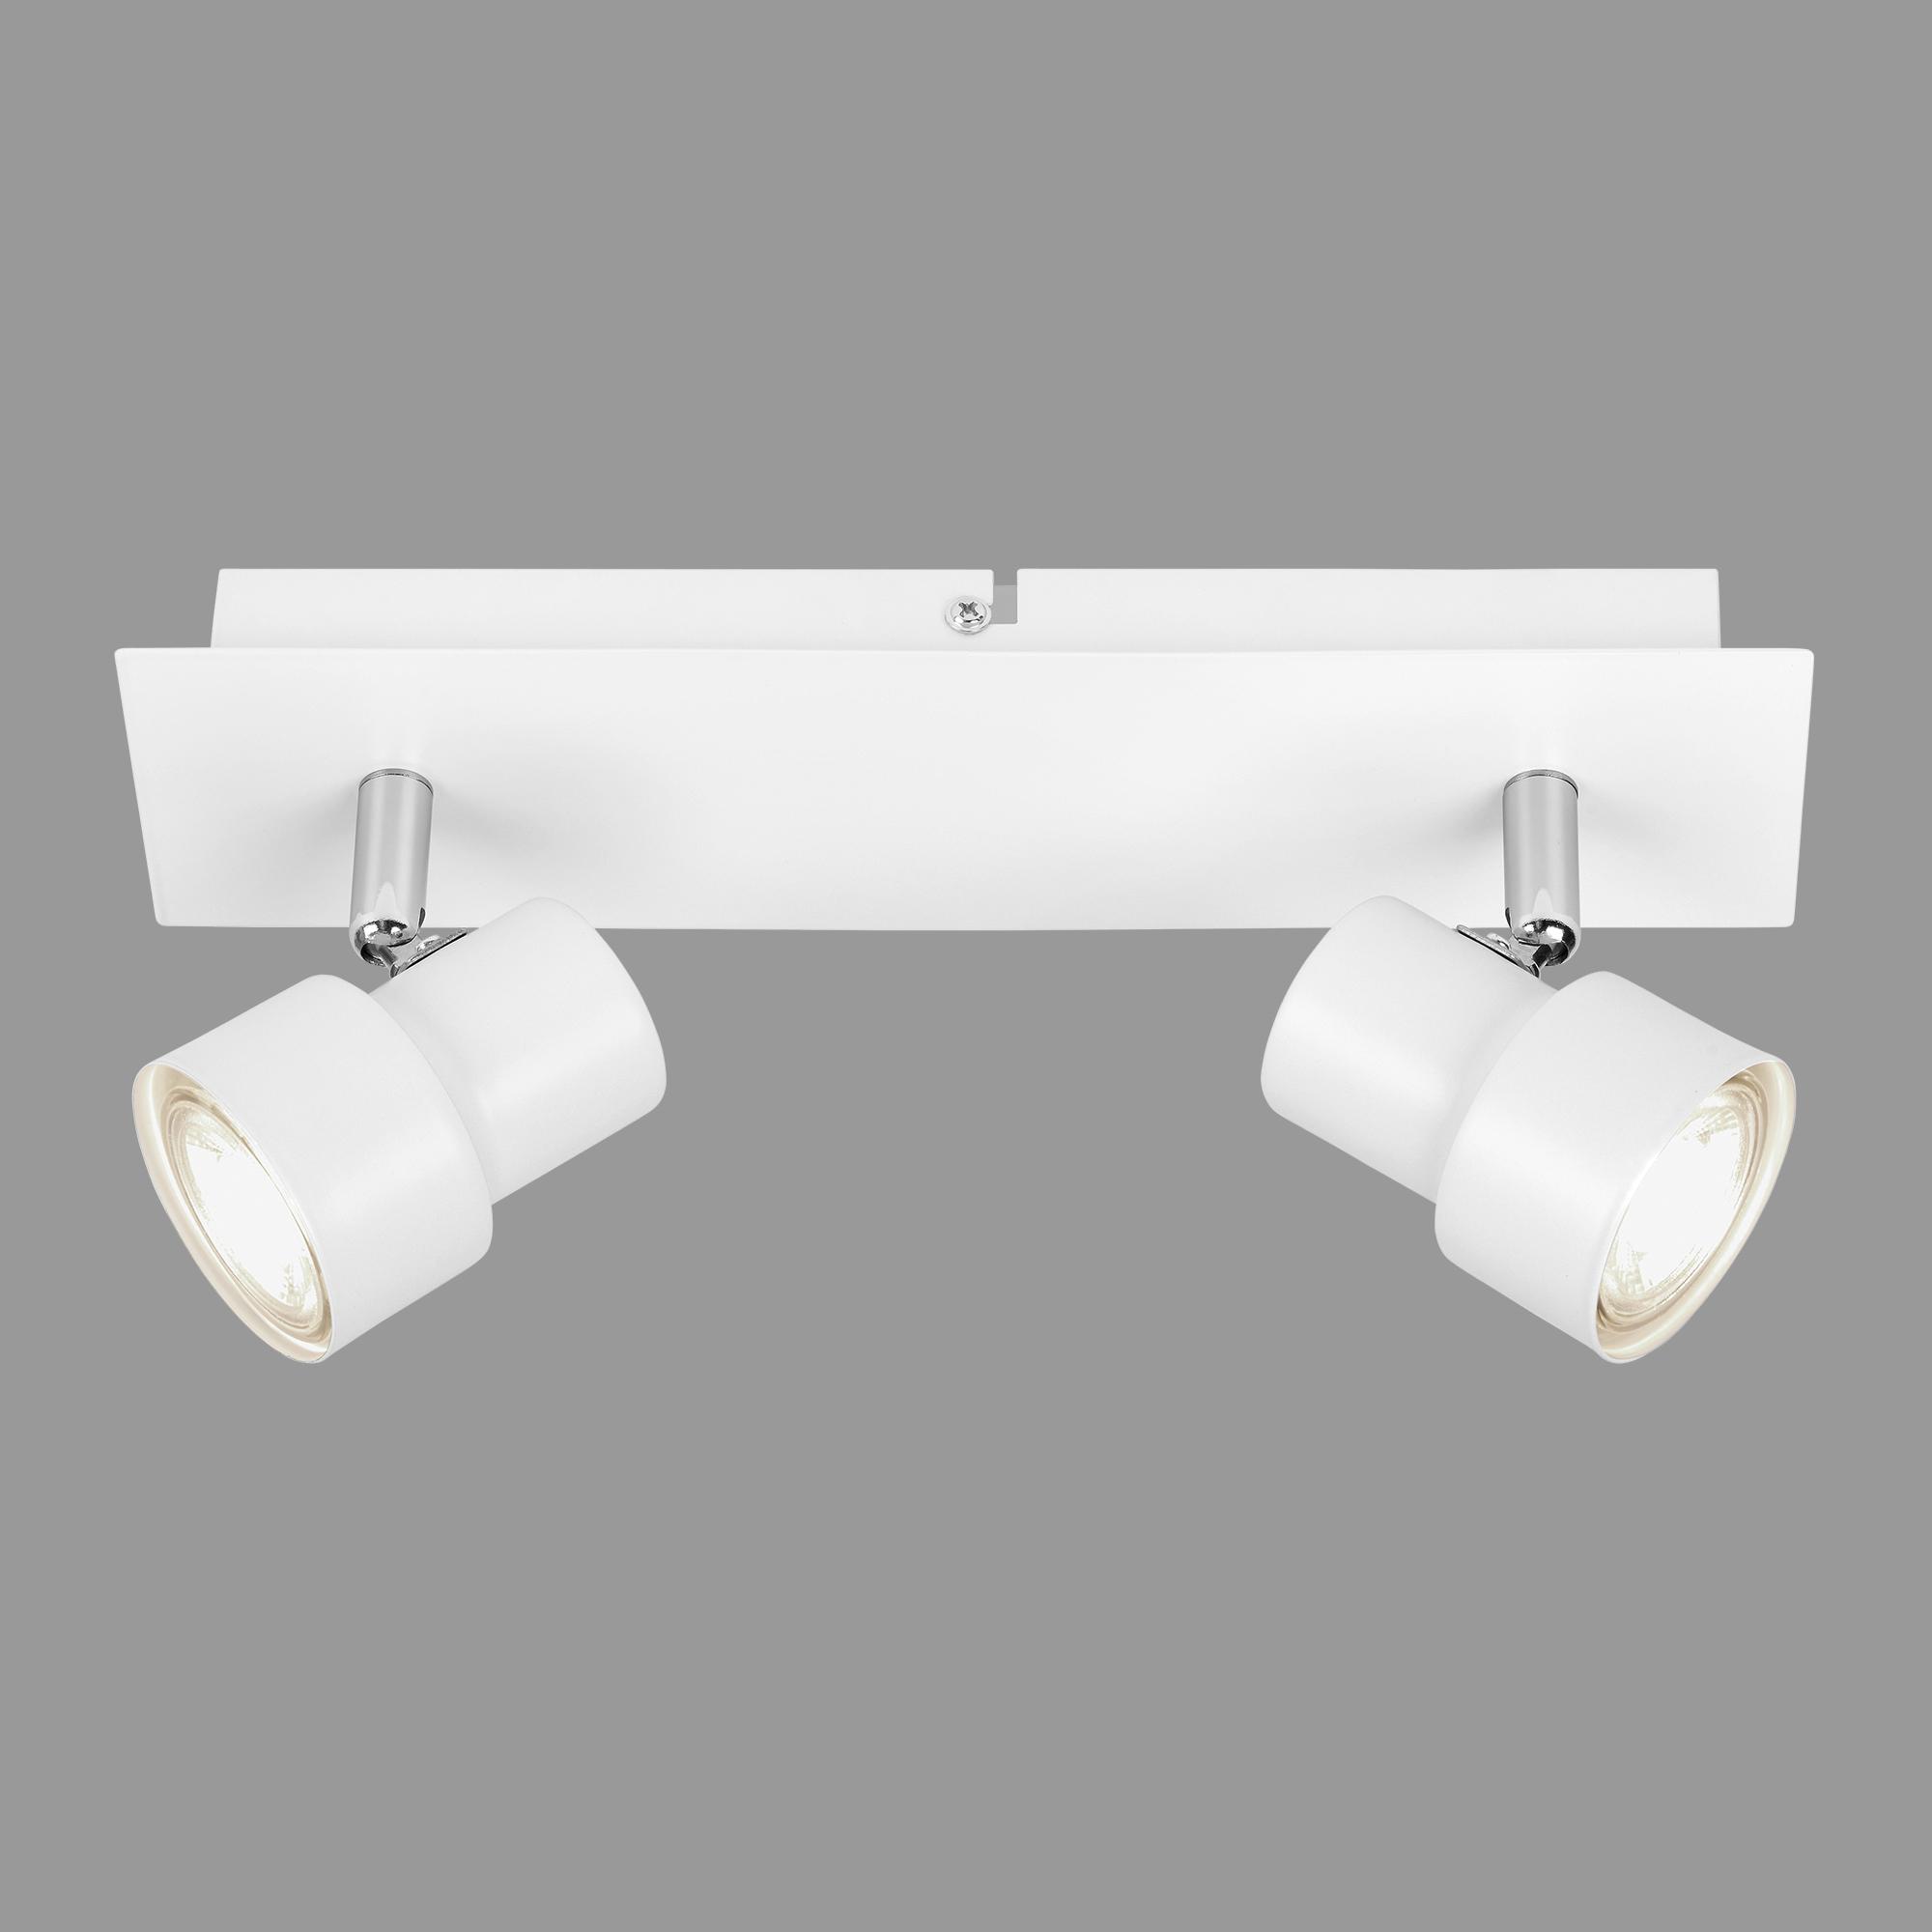 LED Spot Deckenleuchte, 29 cm, 10 W, Weiß